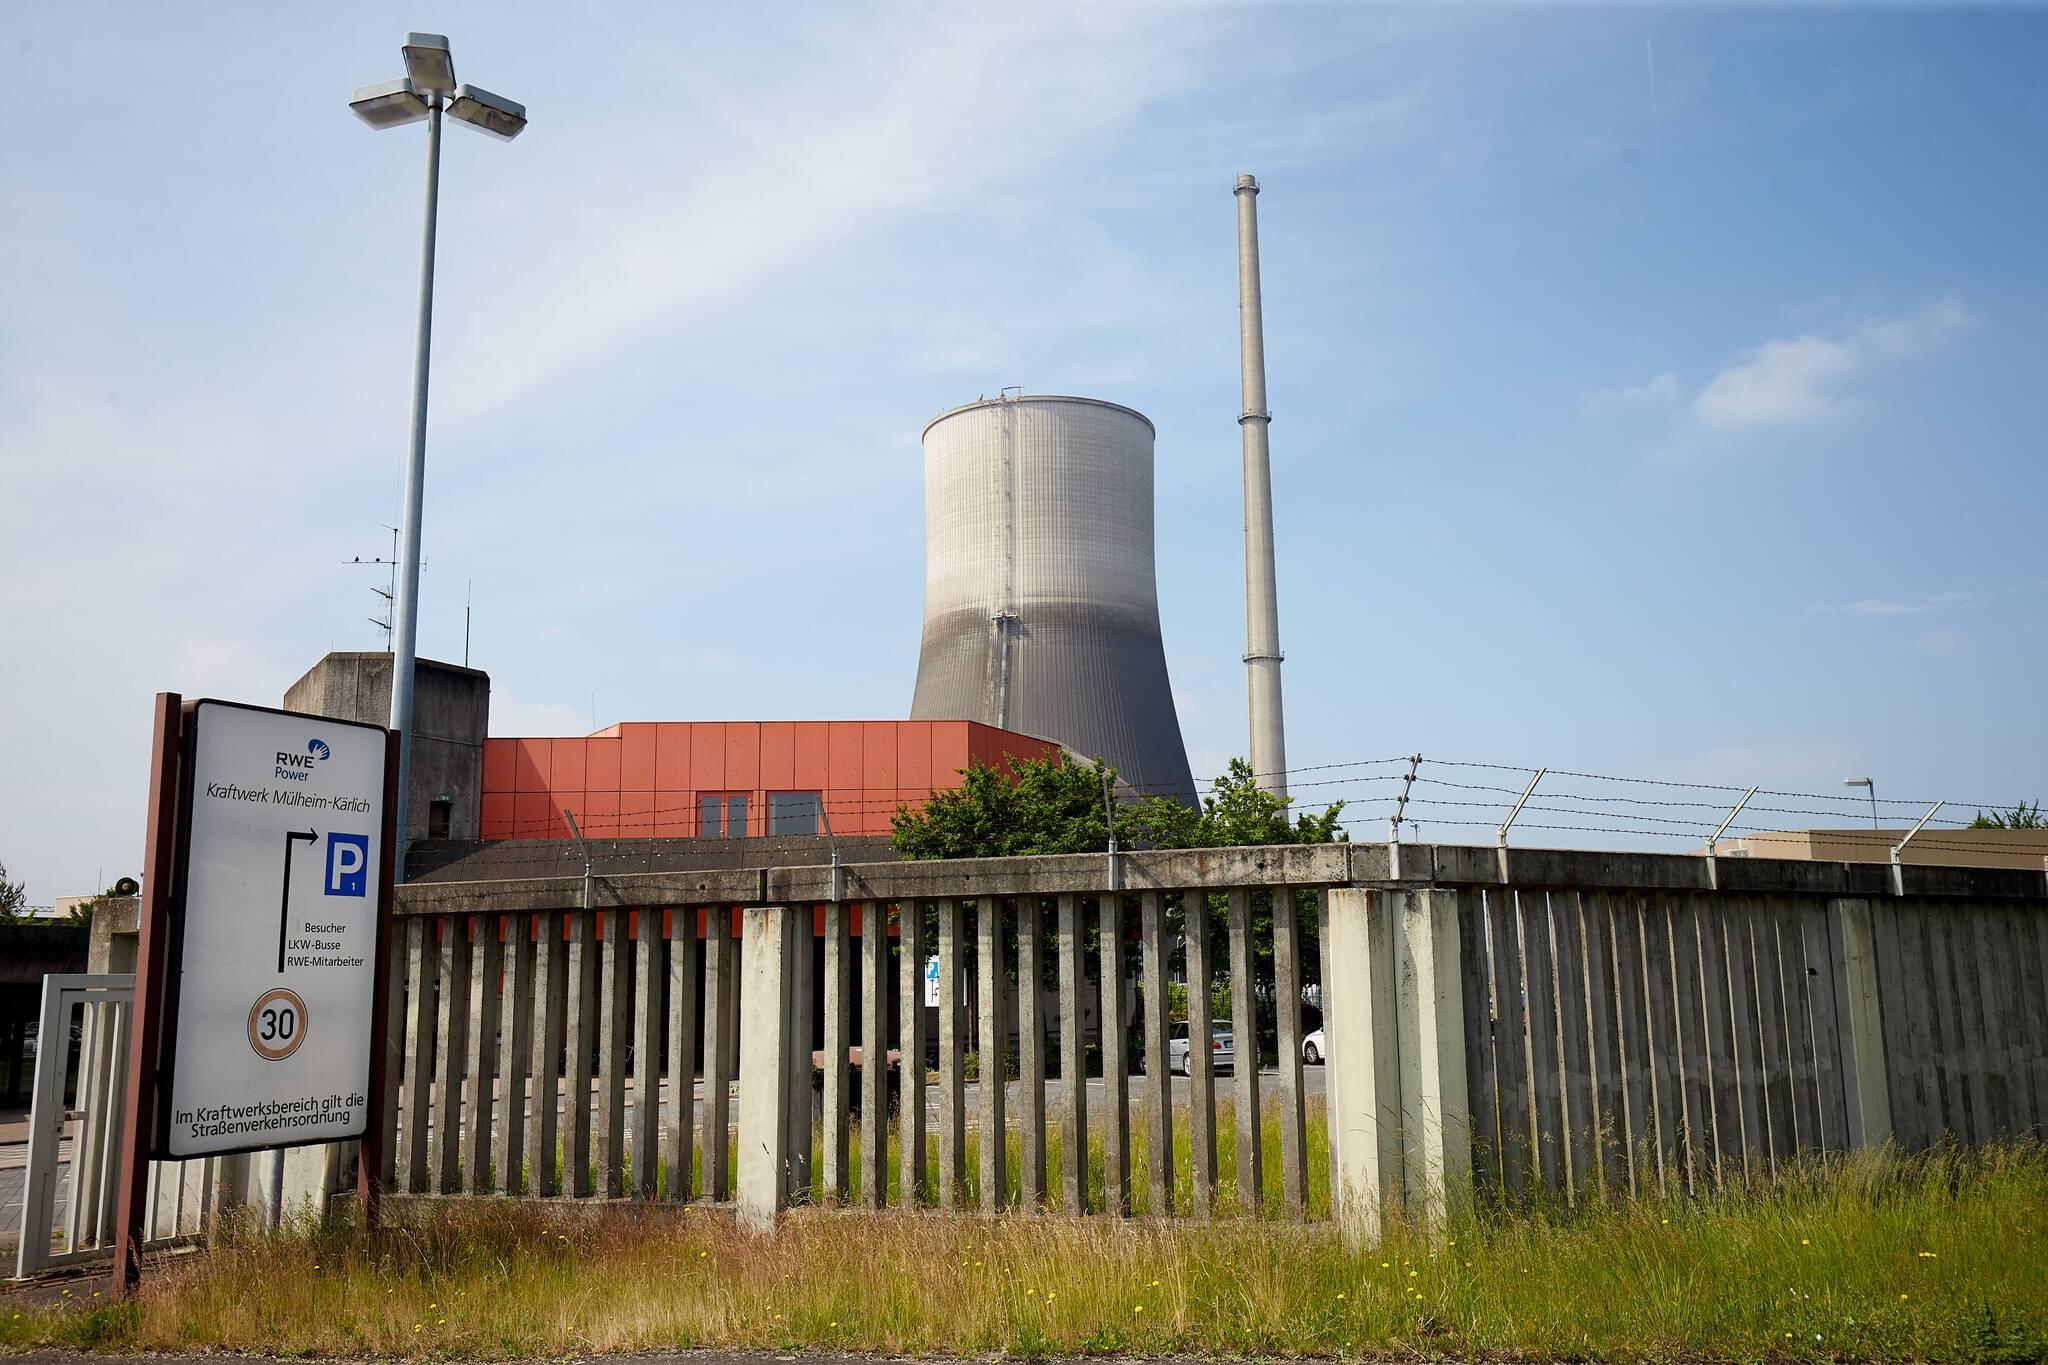 Mülheim kärlich atomkraftwerk